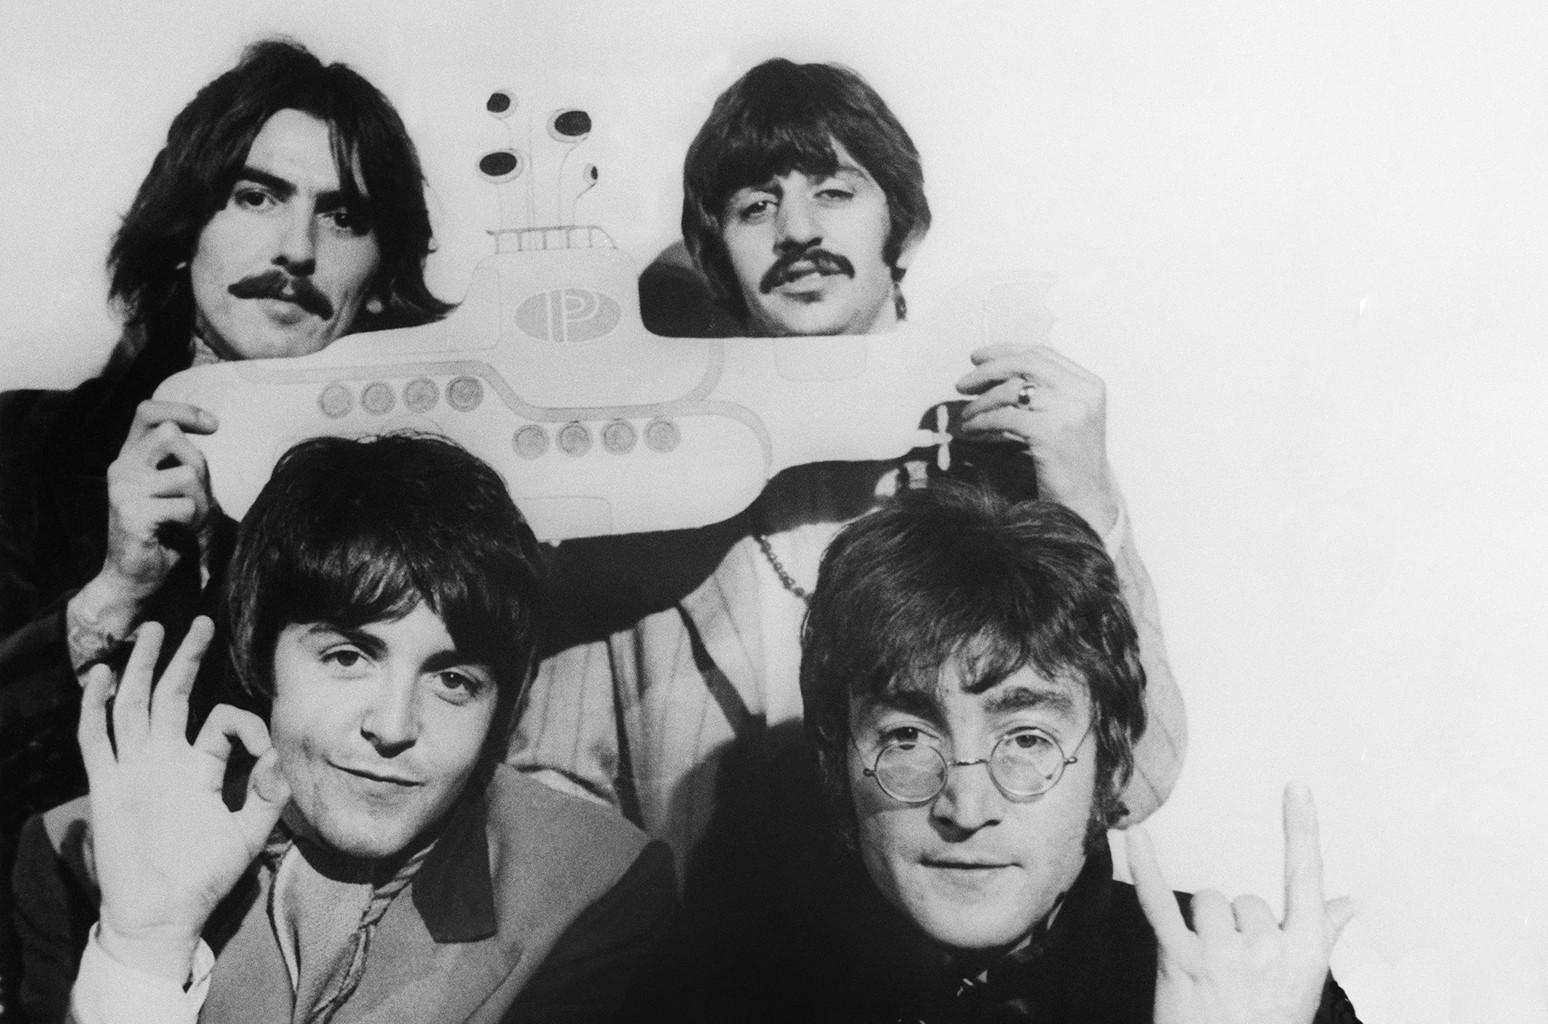 Beatles Yellow Submarine